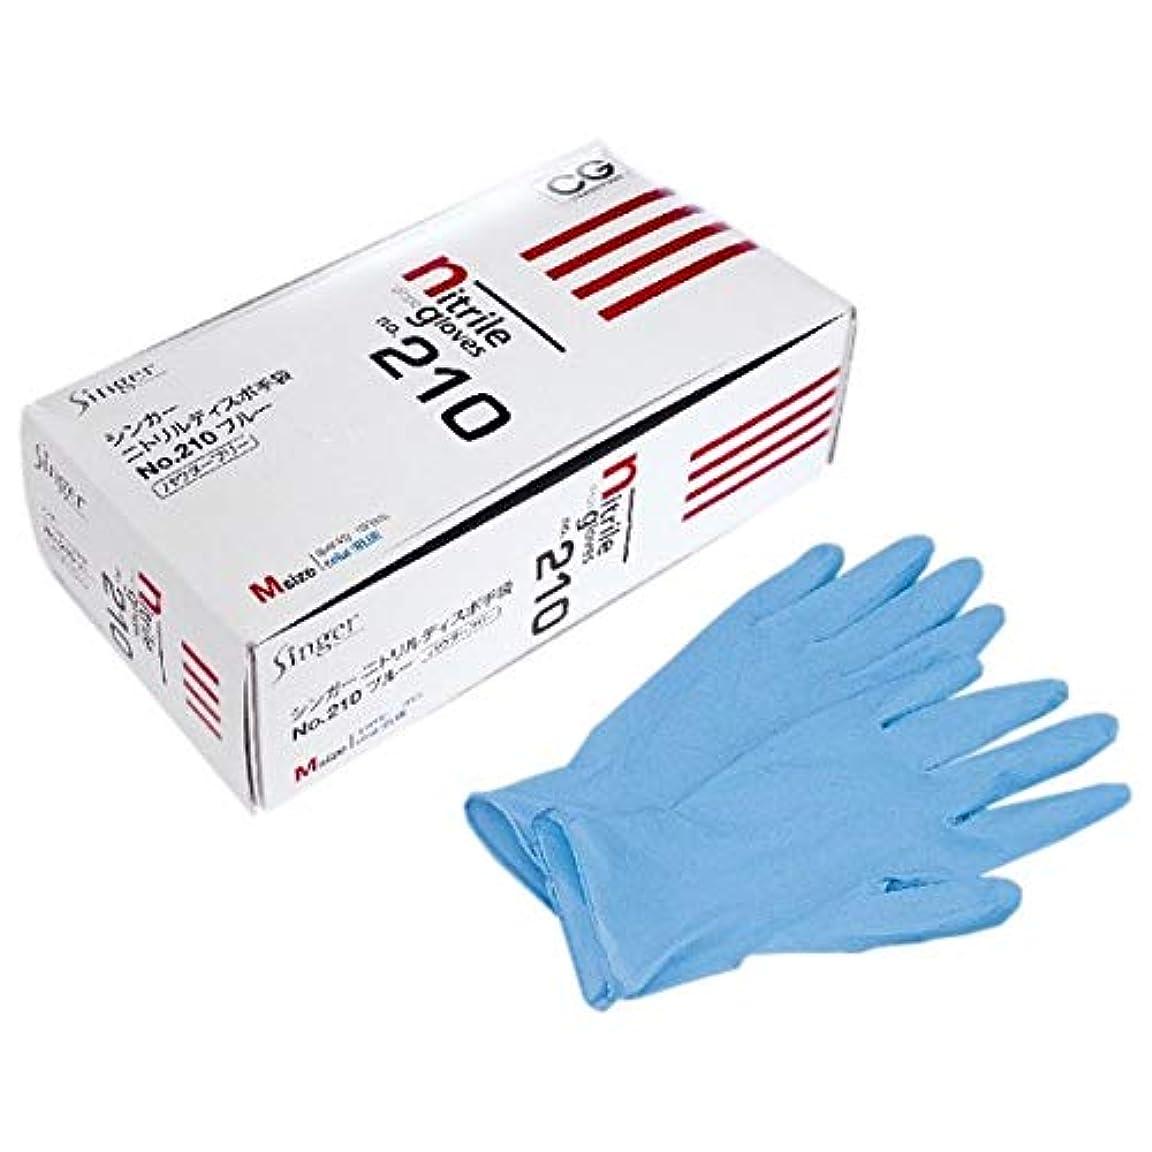 予防接種するかまど傘シンガーニトリルディスポ手袋 No.210 青 パウダーフリー SSサイズ 100枚×20箱入